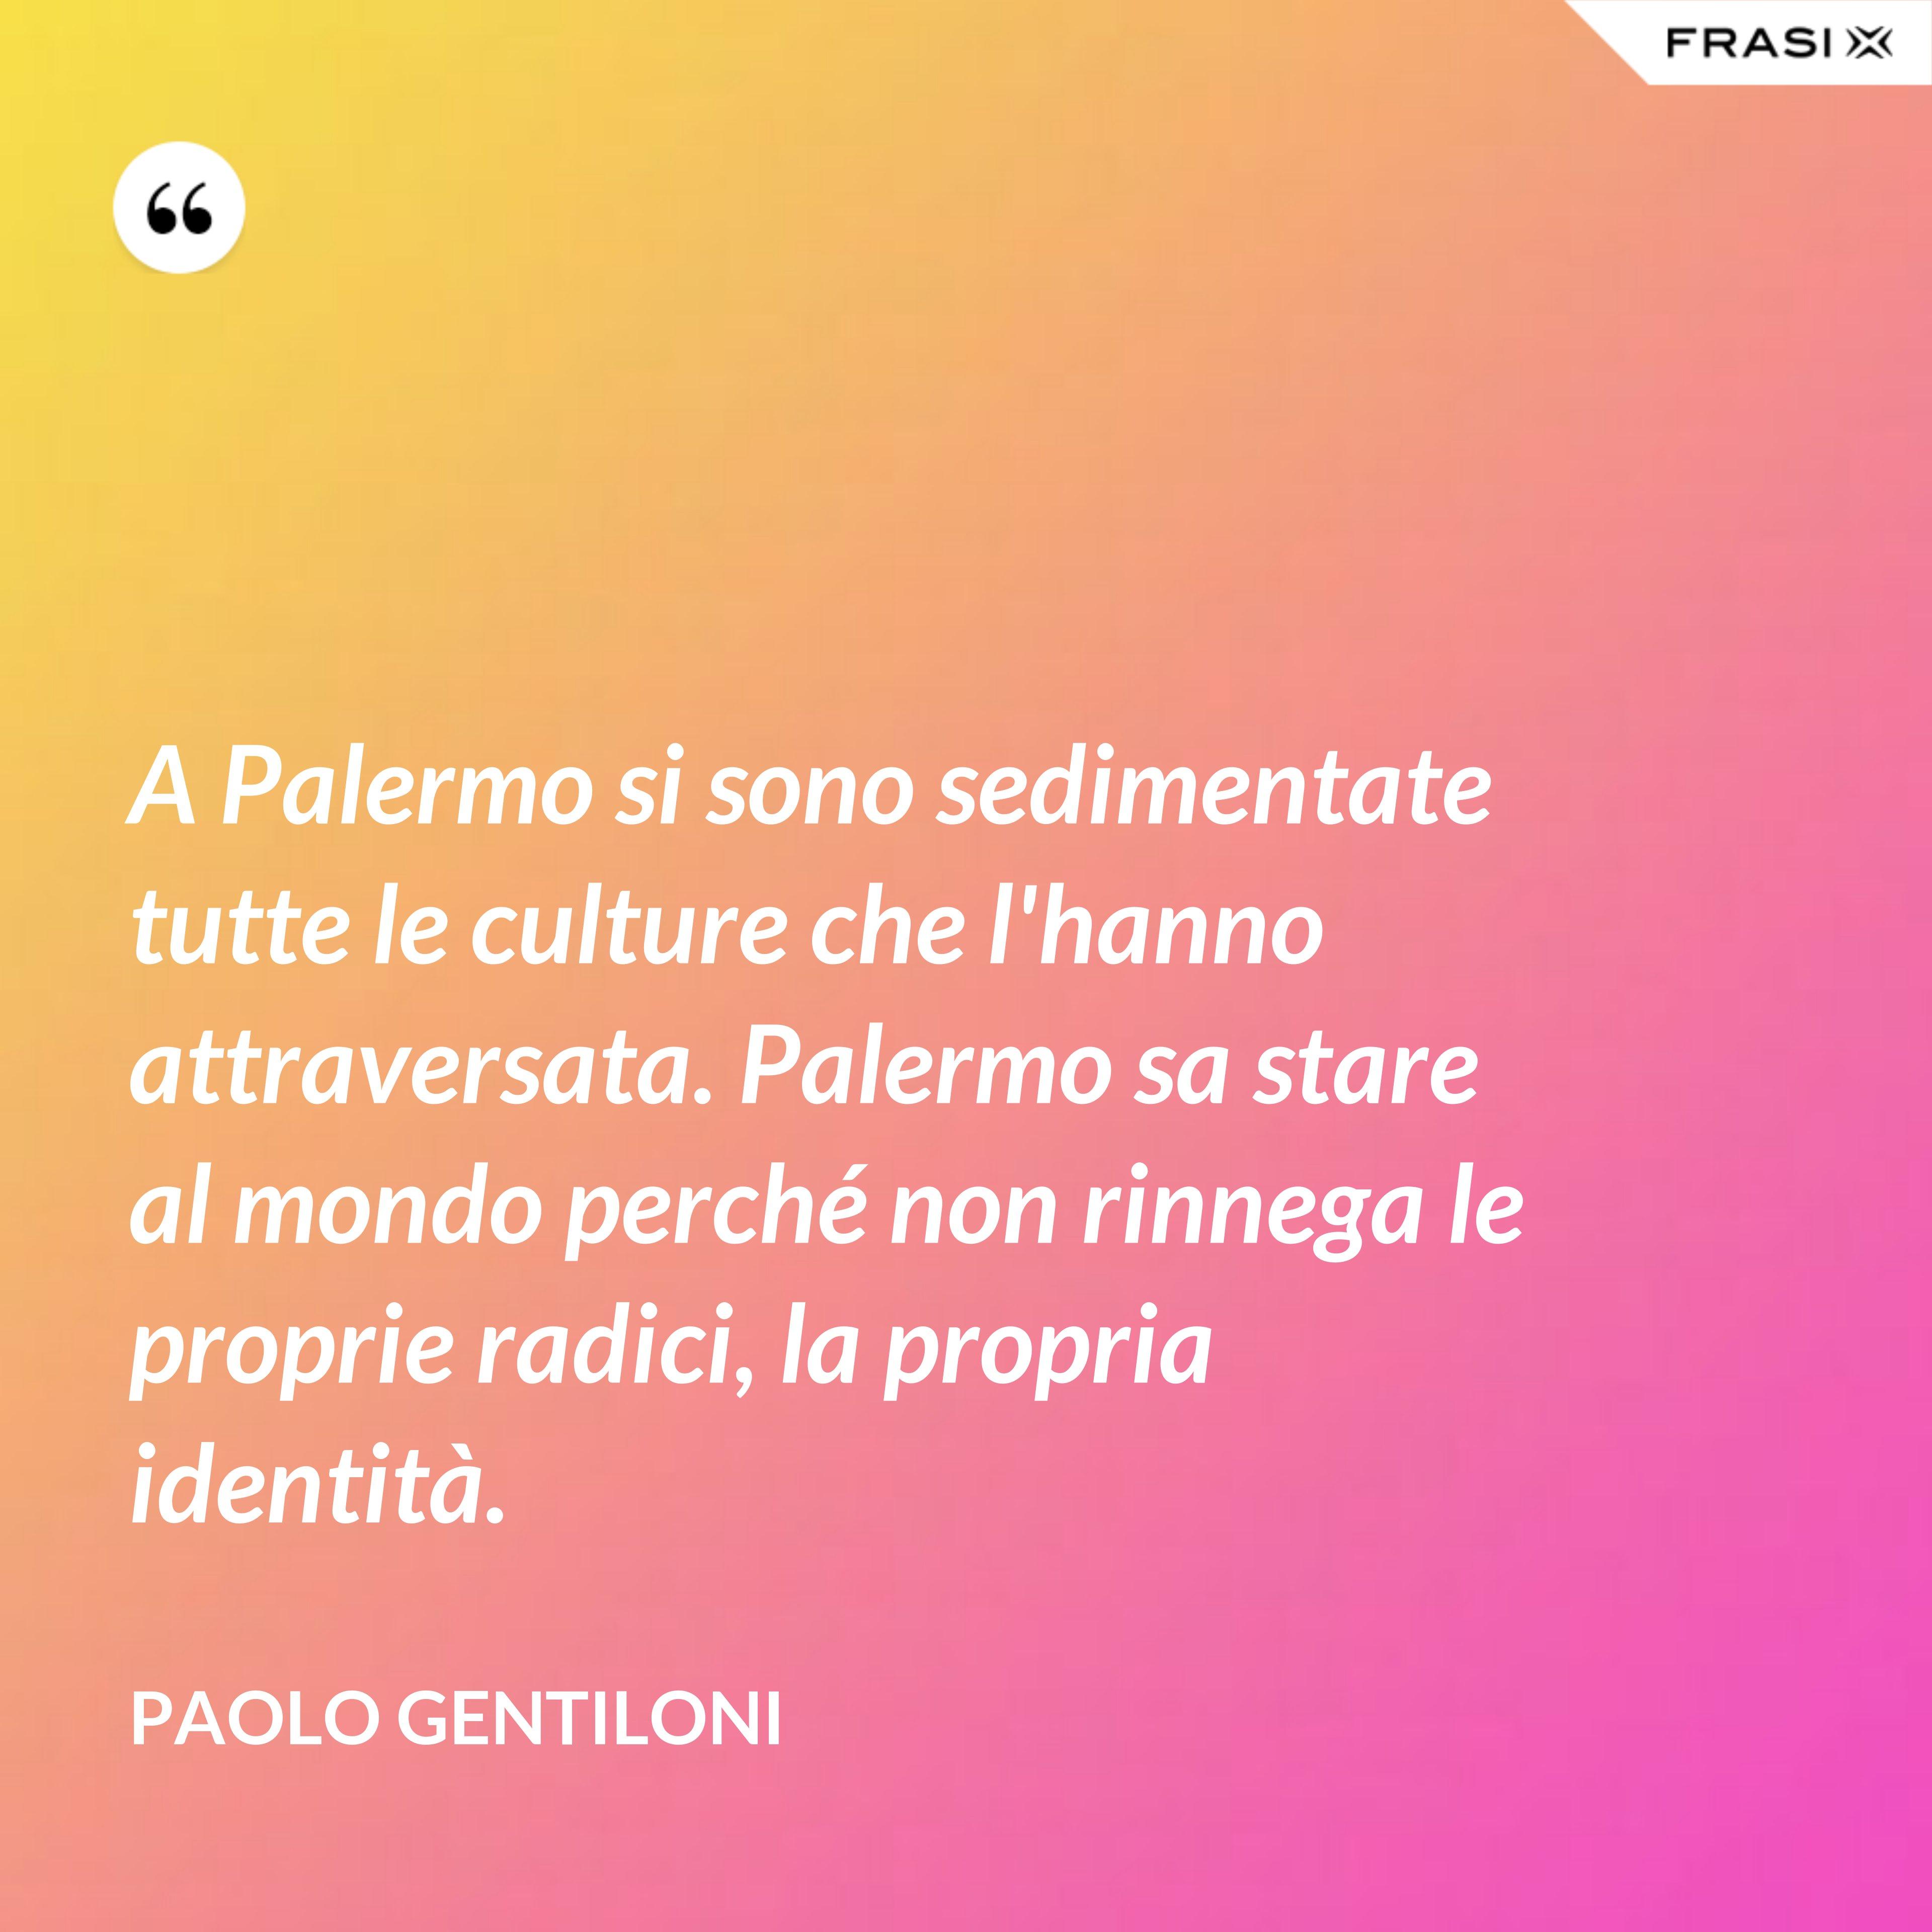 A Palermo si sono sedimentate tutte le culture che l'hanno attraversata. Palermo sa stare al mondo perché non rinnega le proprie radici, la propria identità. - Paolo Gentiloni